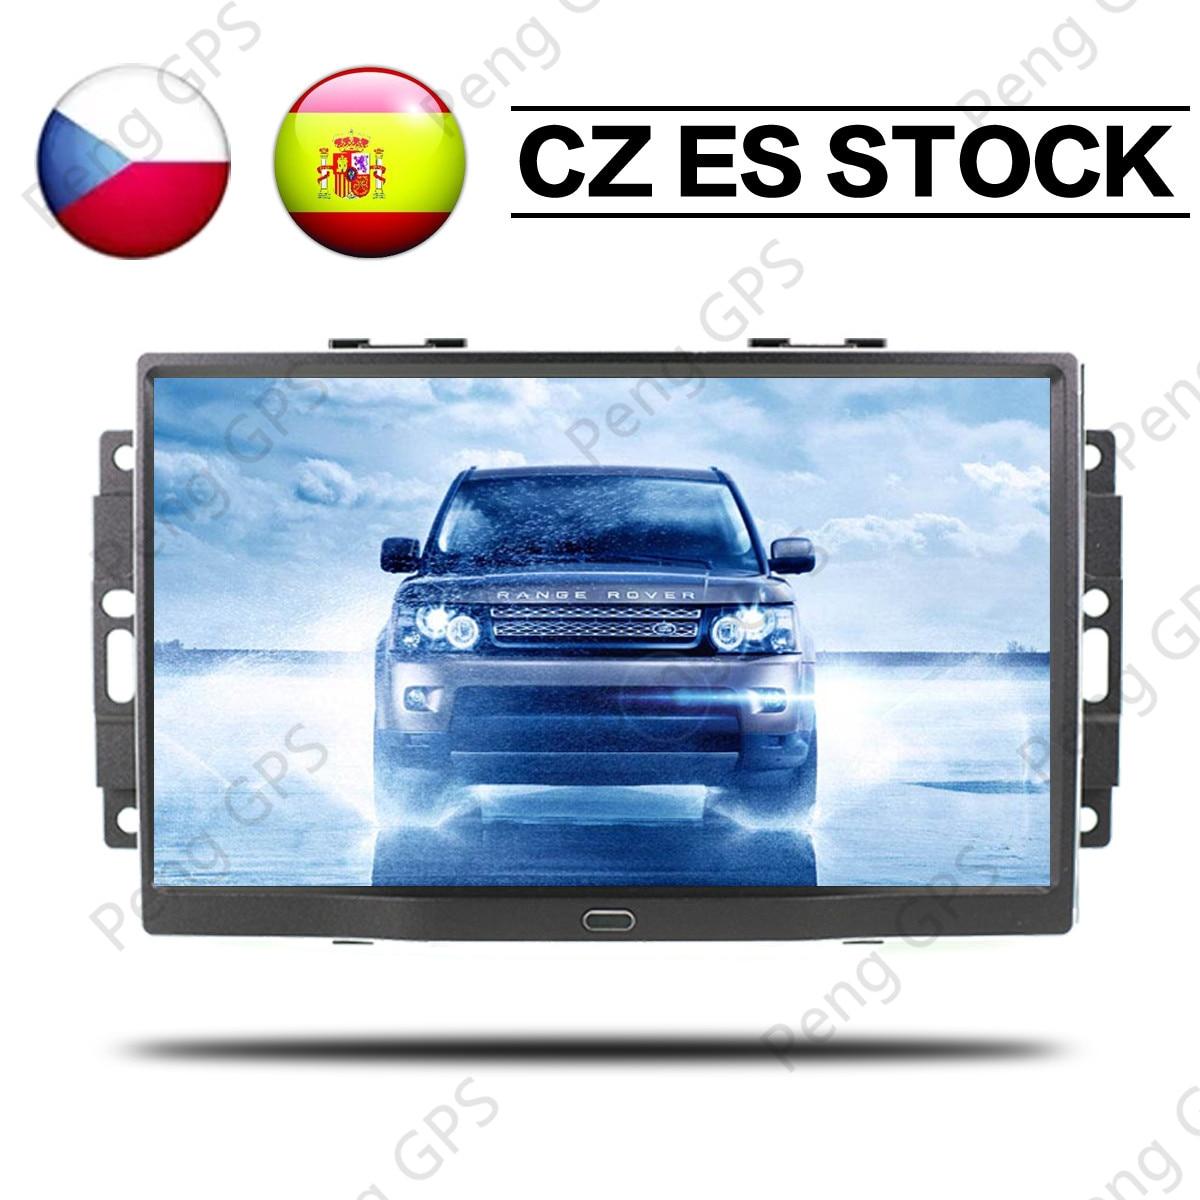 Radio de navegación GPS estéreo para coche Android 8,1 de 9 con 8 núcleos para Jeep Grand Cherokee Patriot Dodge Charger Chrysler 300C, reproductor de DVD